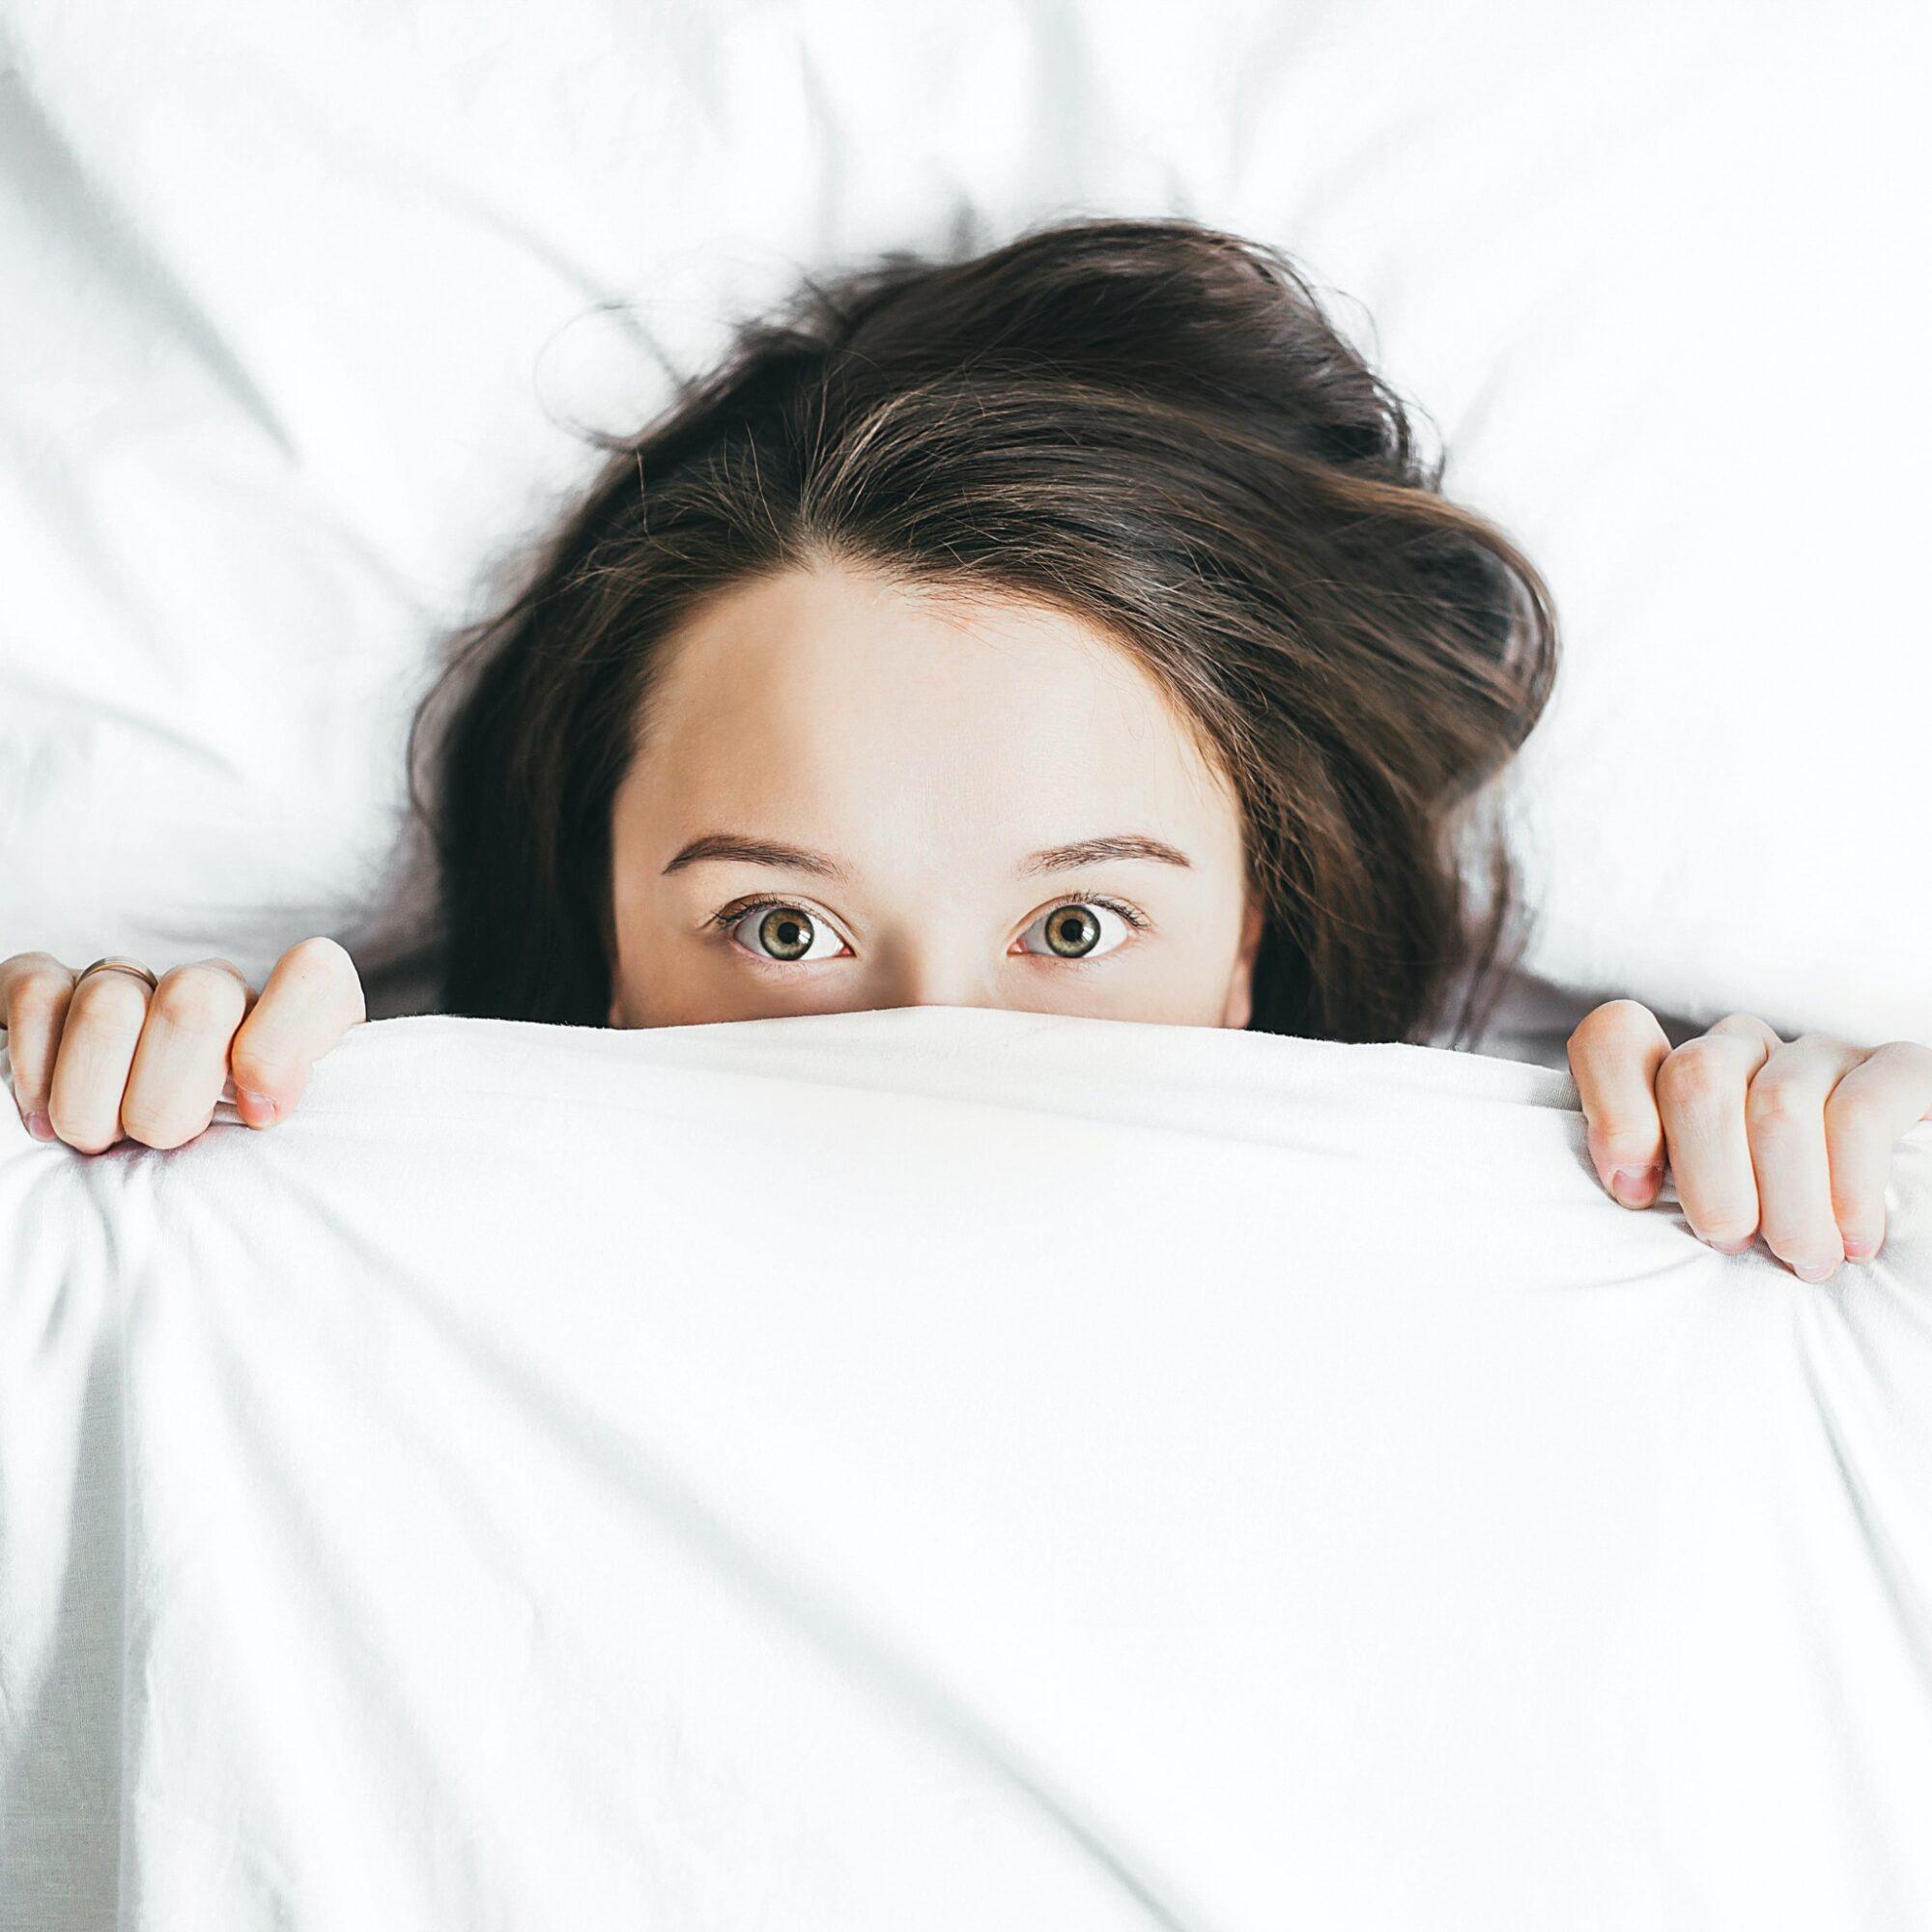 Het leed wat slecht slapen heet